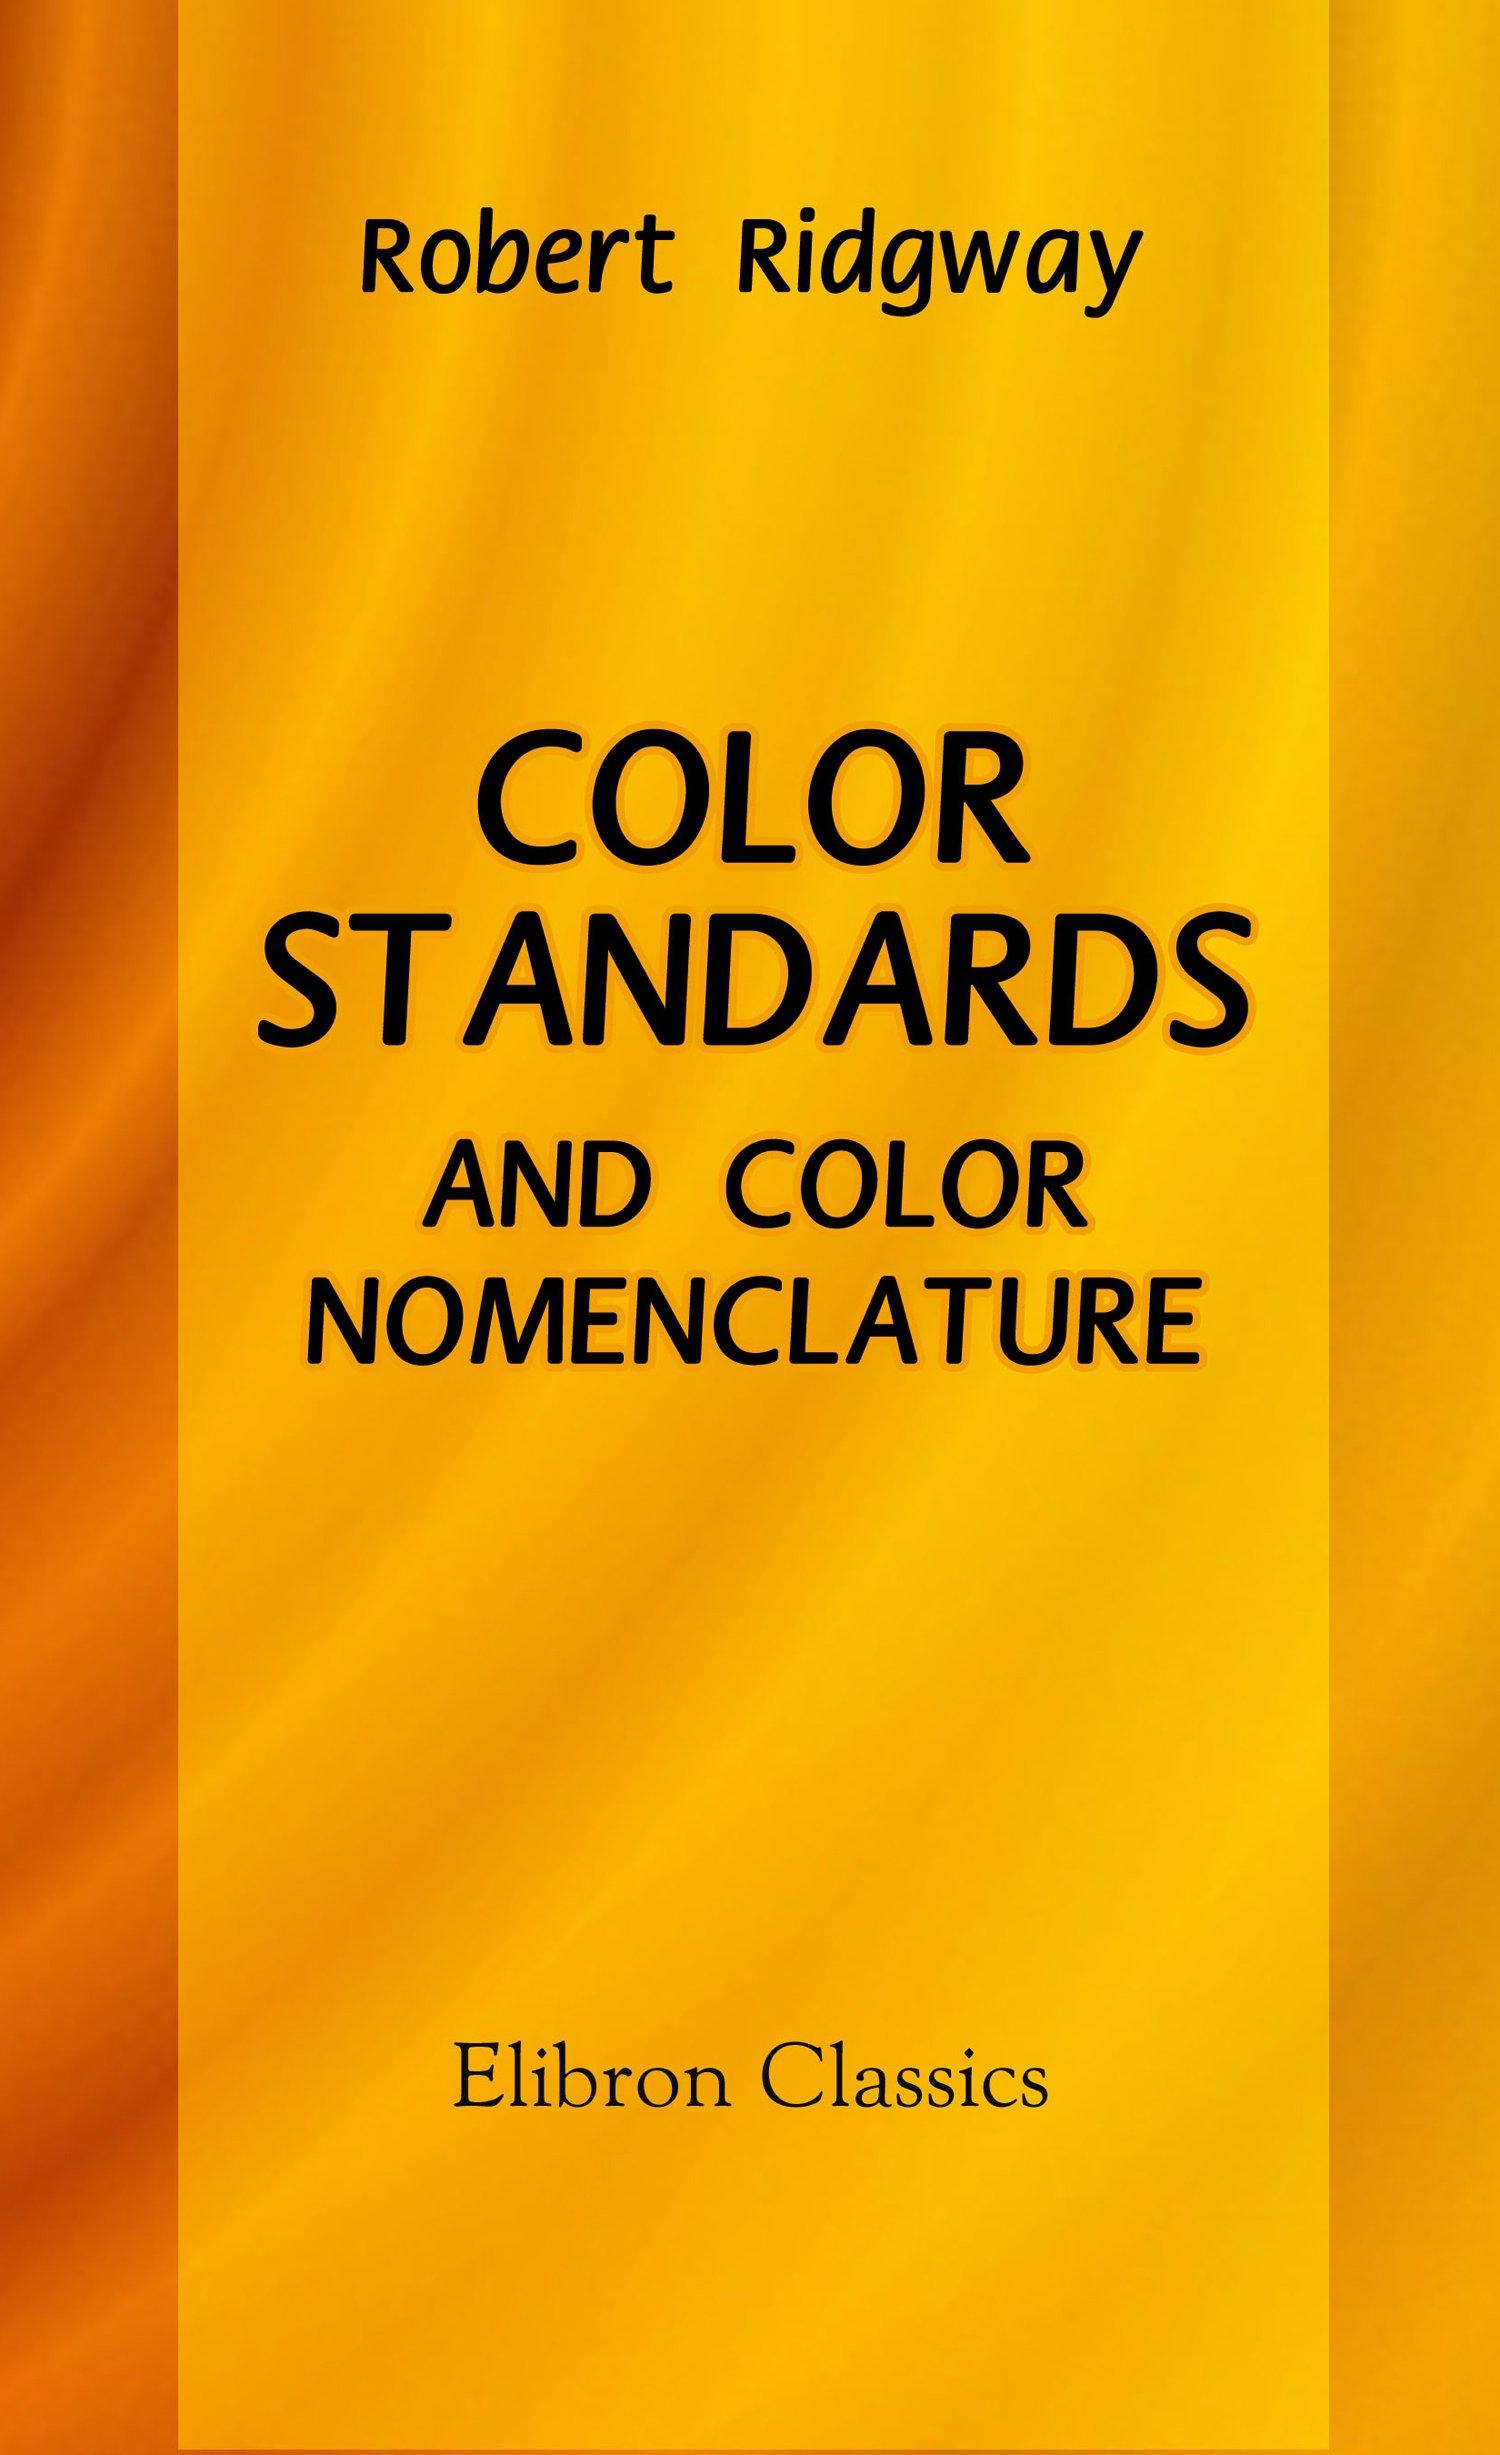 Color Standards and Color Nomenclature pdf